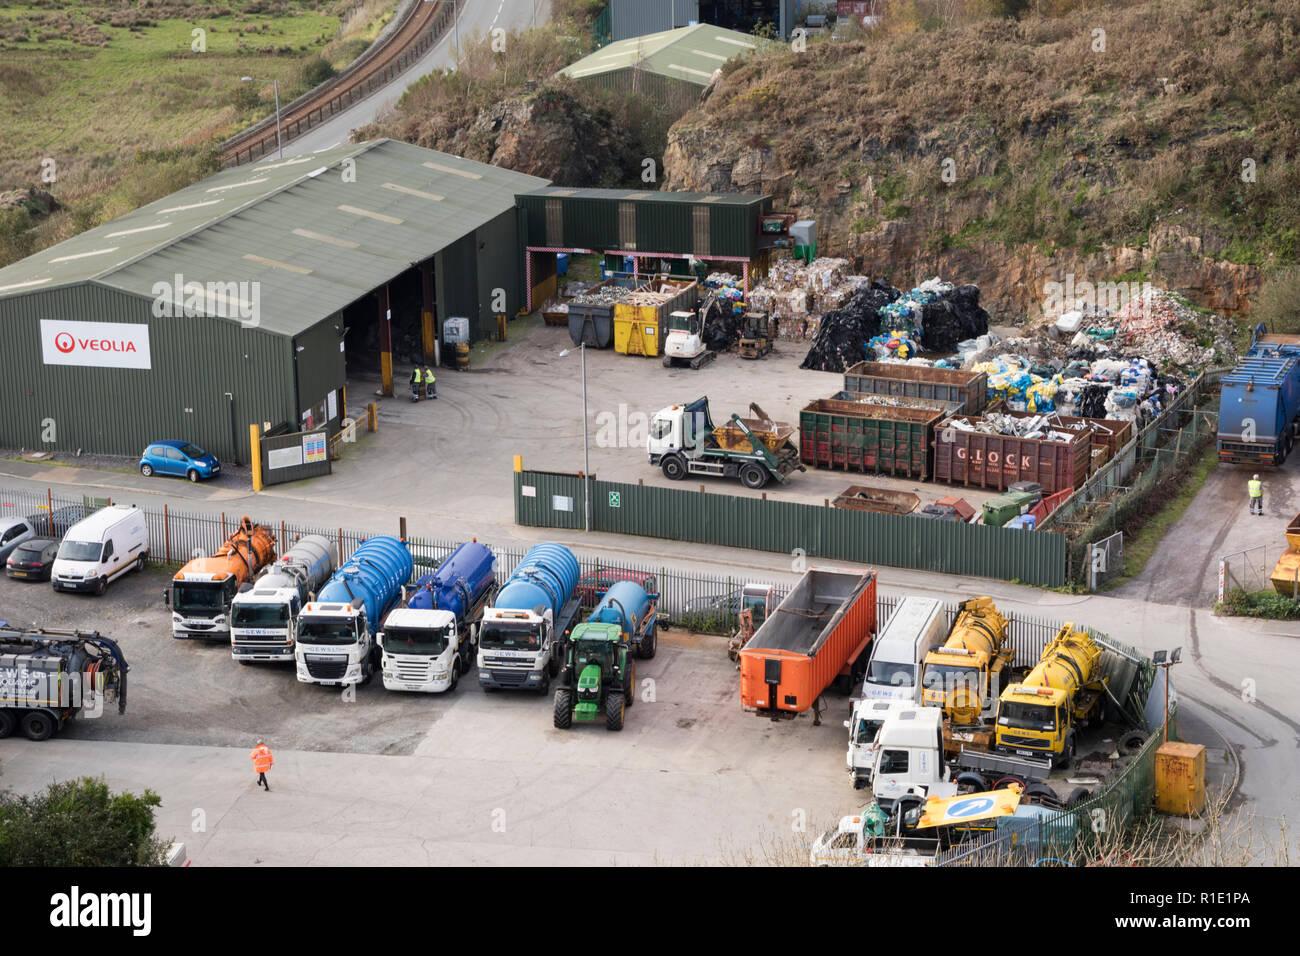 Veolia gestione dei rifiuti deposito vicino a Porthmadog, Galles del Nord, Regno Unito Immagini Stock